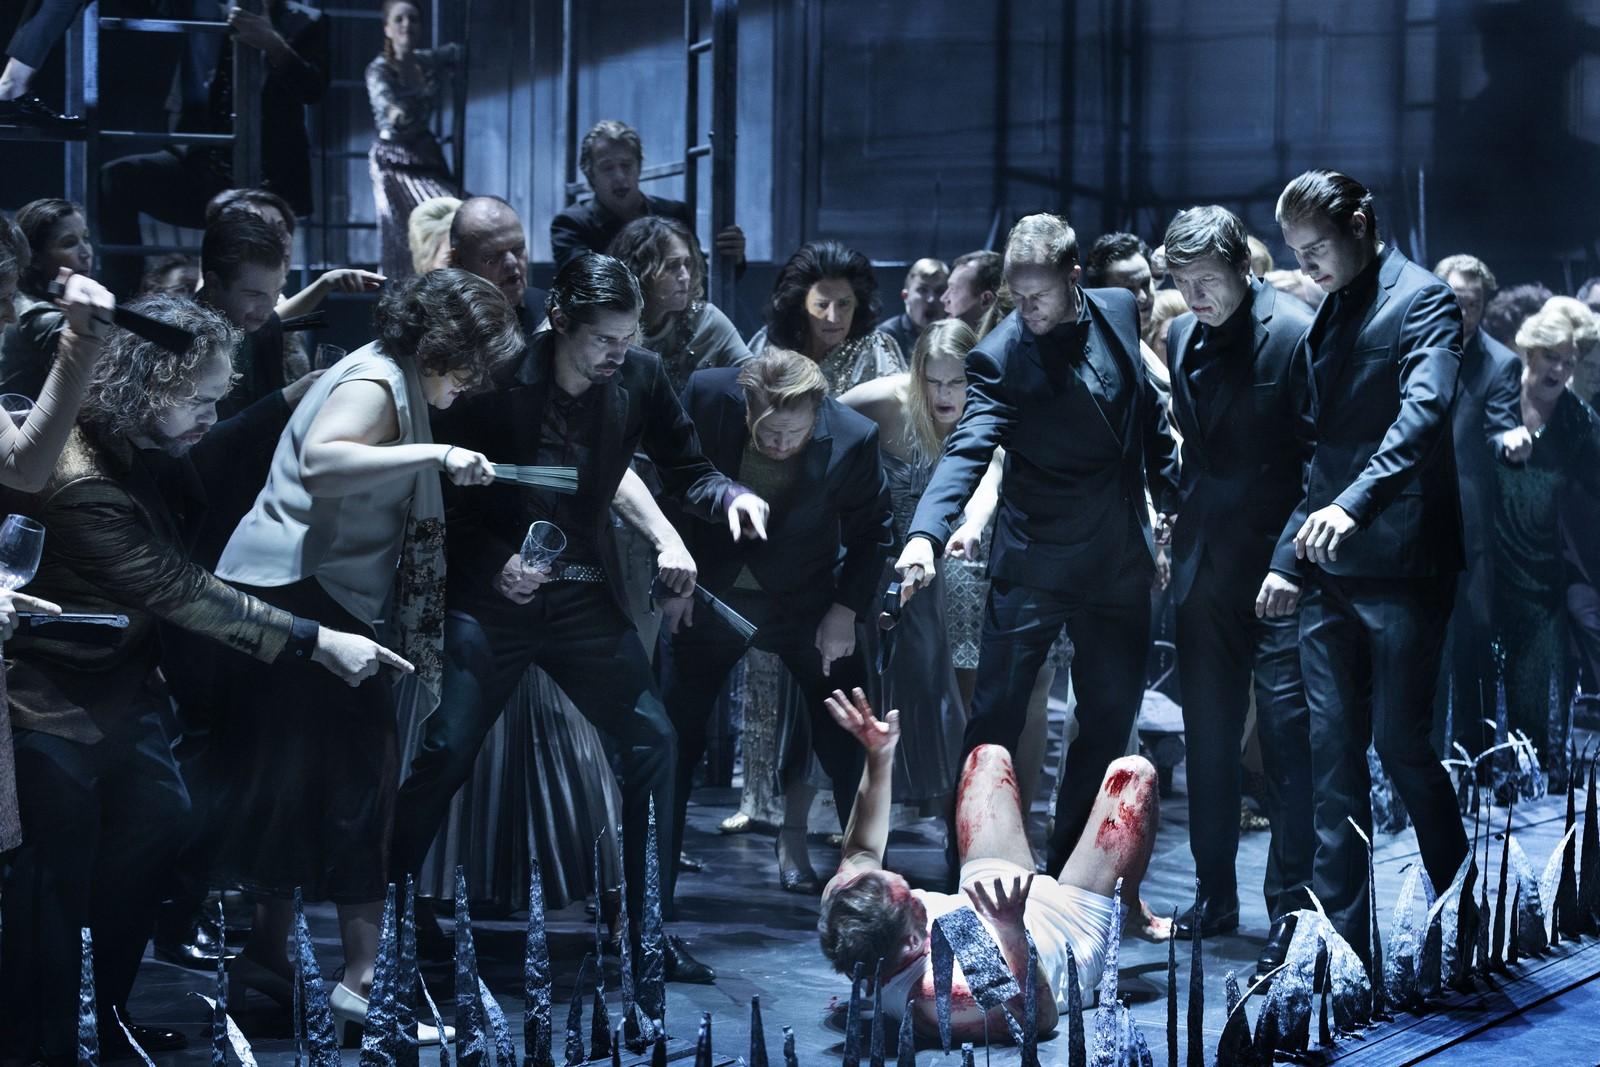 Anmeldelse: Turandot, Det Kongelige Teater